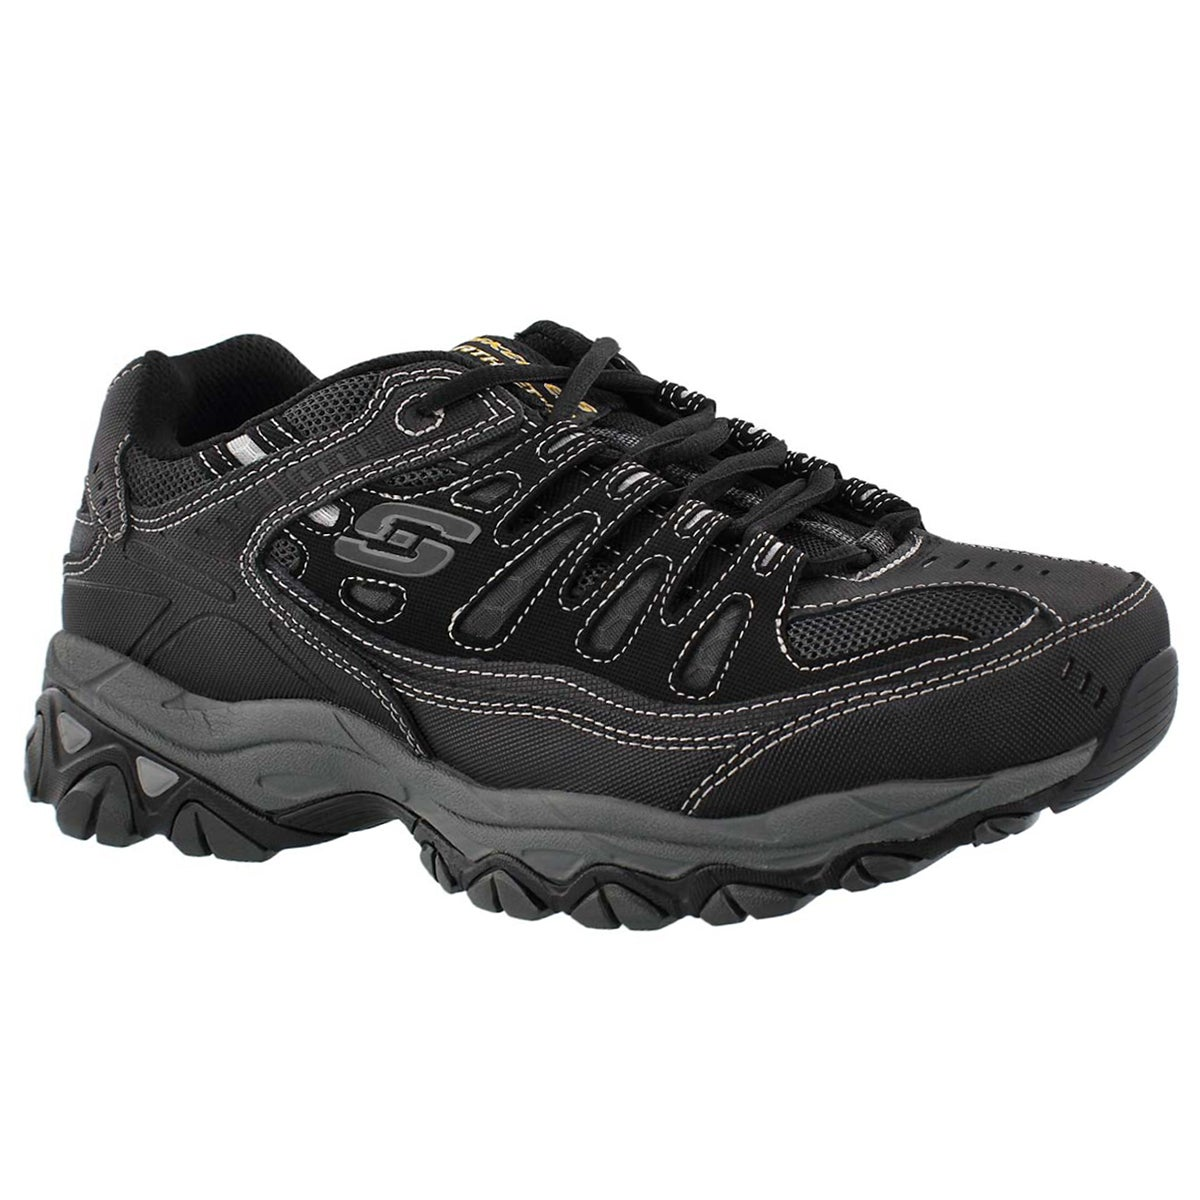 Men's AFTER BURN black sneakers - WIDTH - 4E